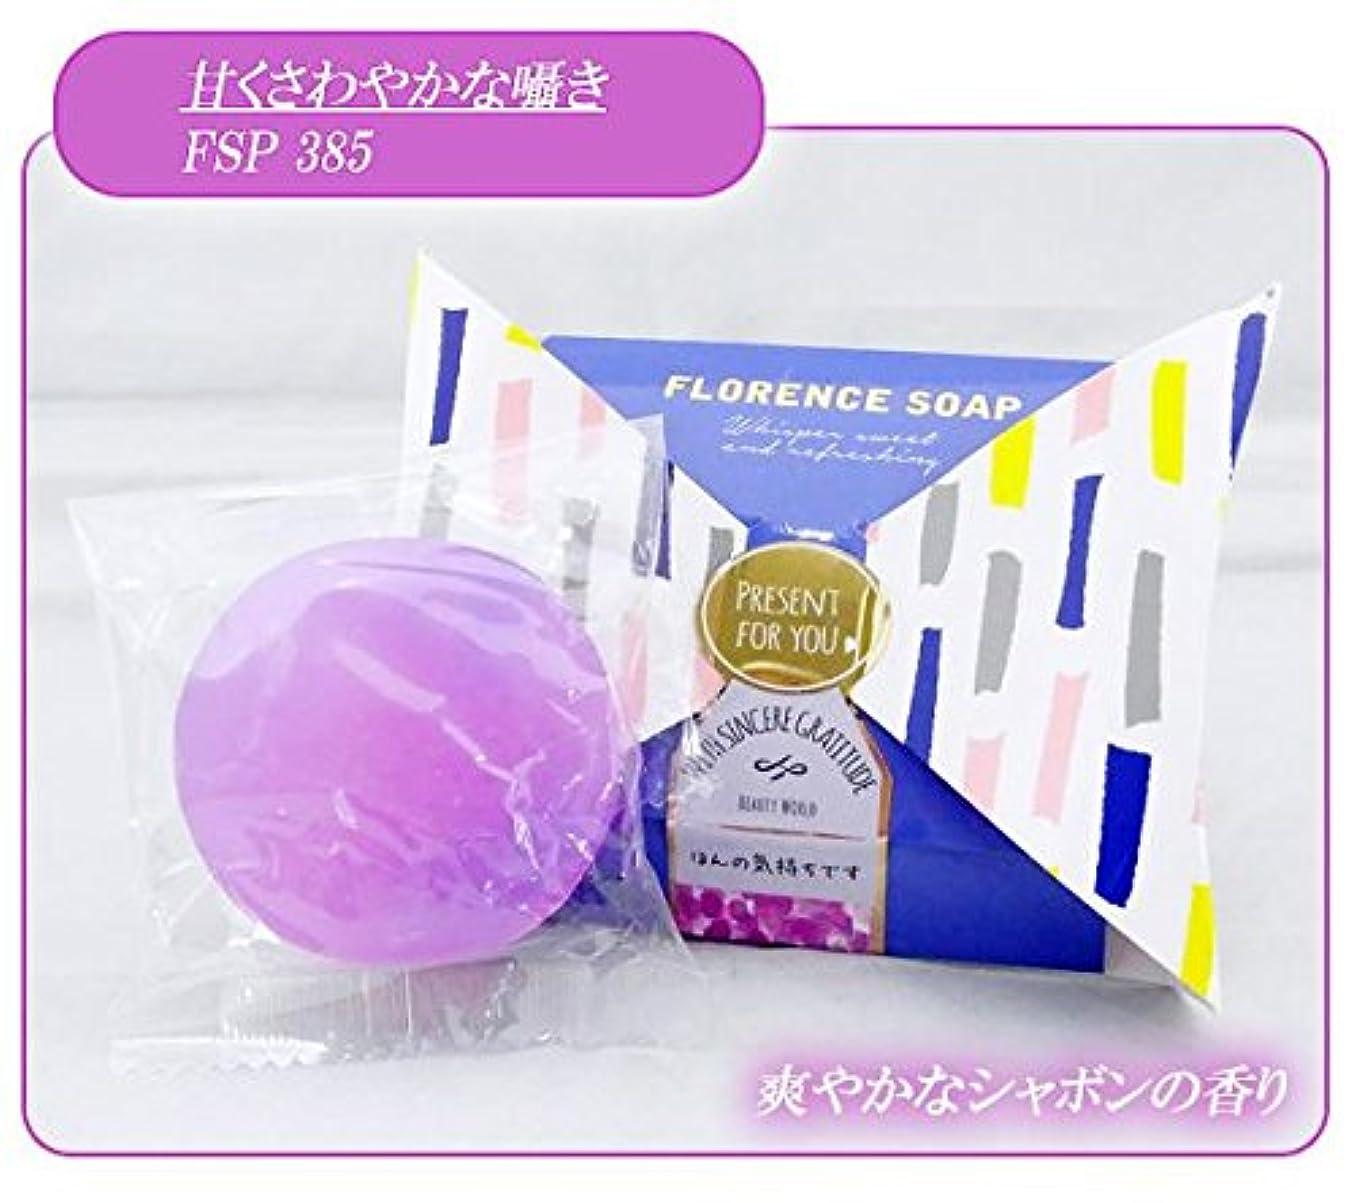 草歌手ハンディビューティーワールド BWフローレンスの香り石けん リボンパッケージ 6個セット 甘くさわやかな囁き